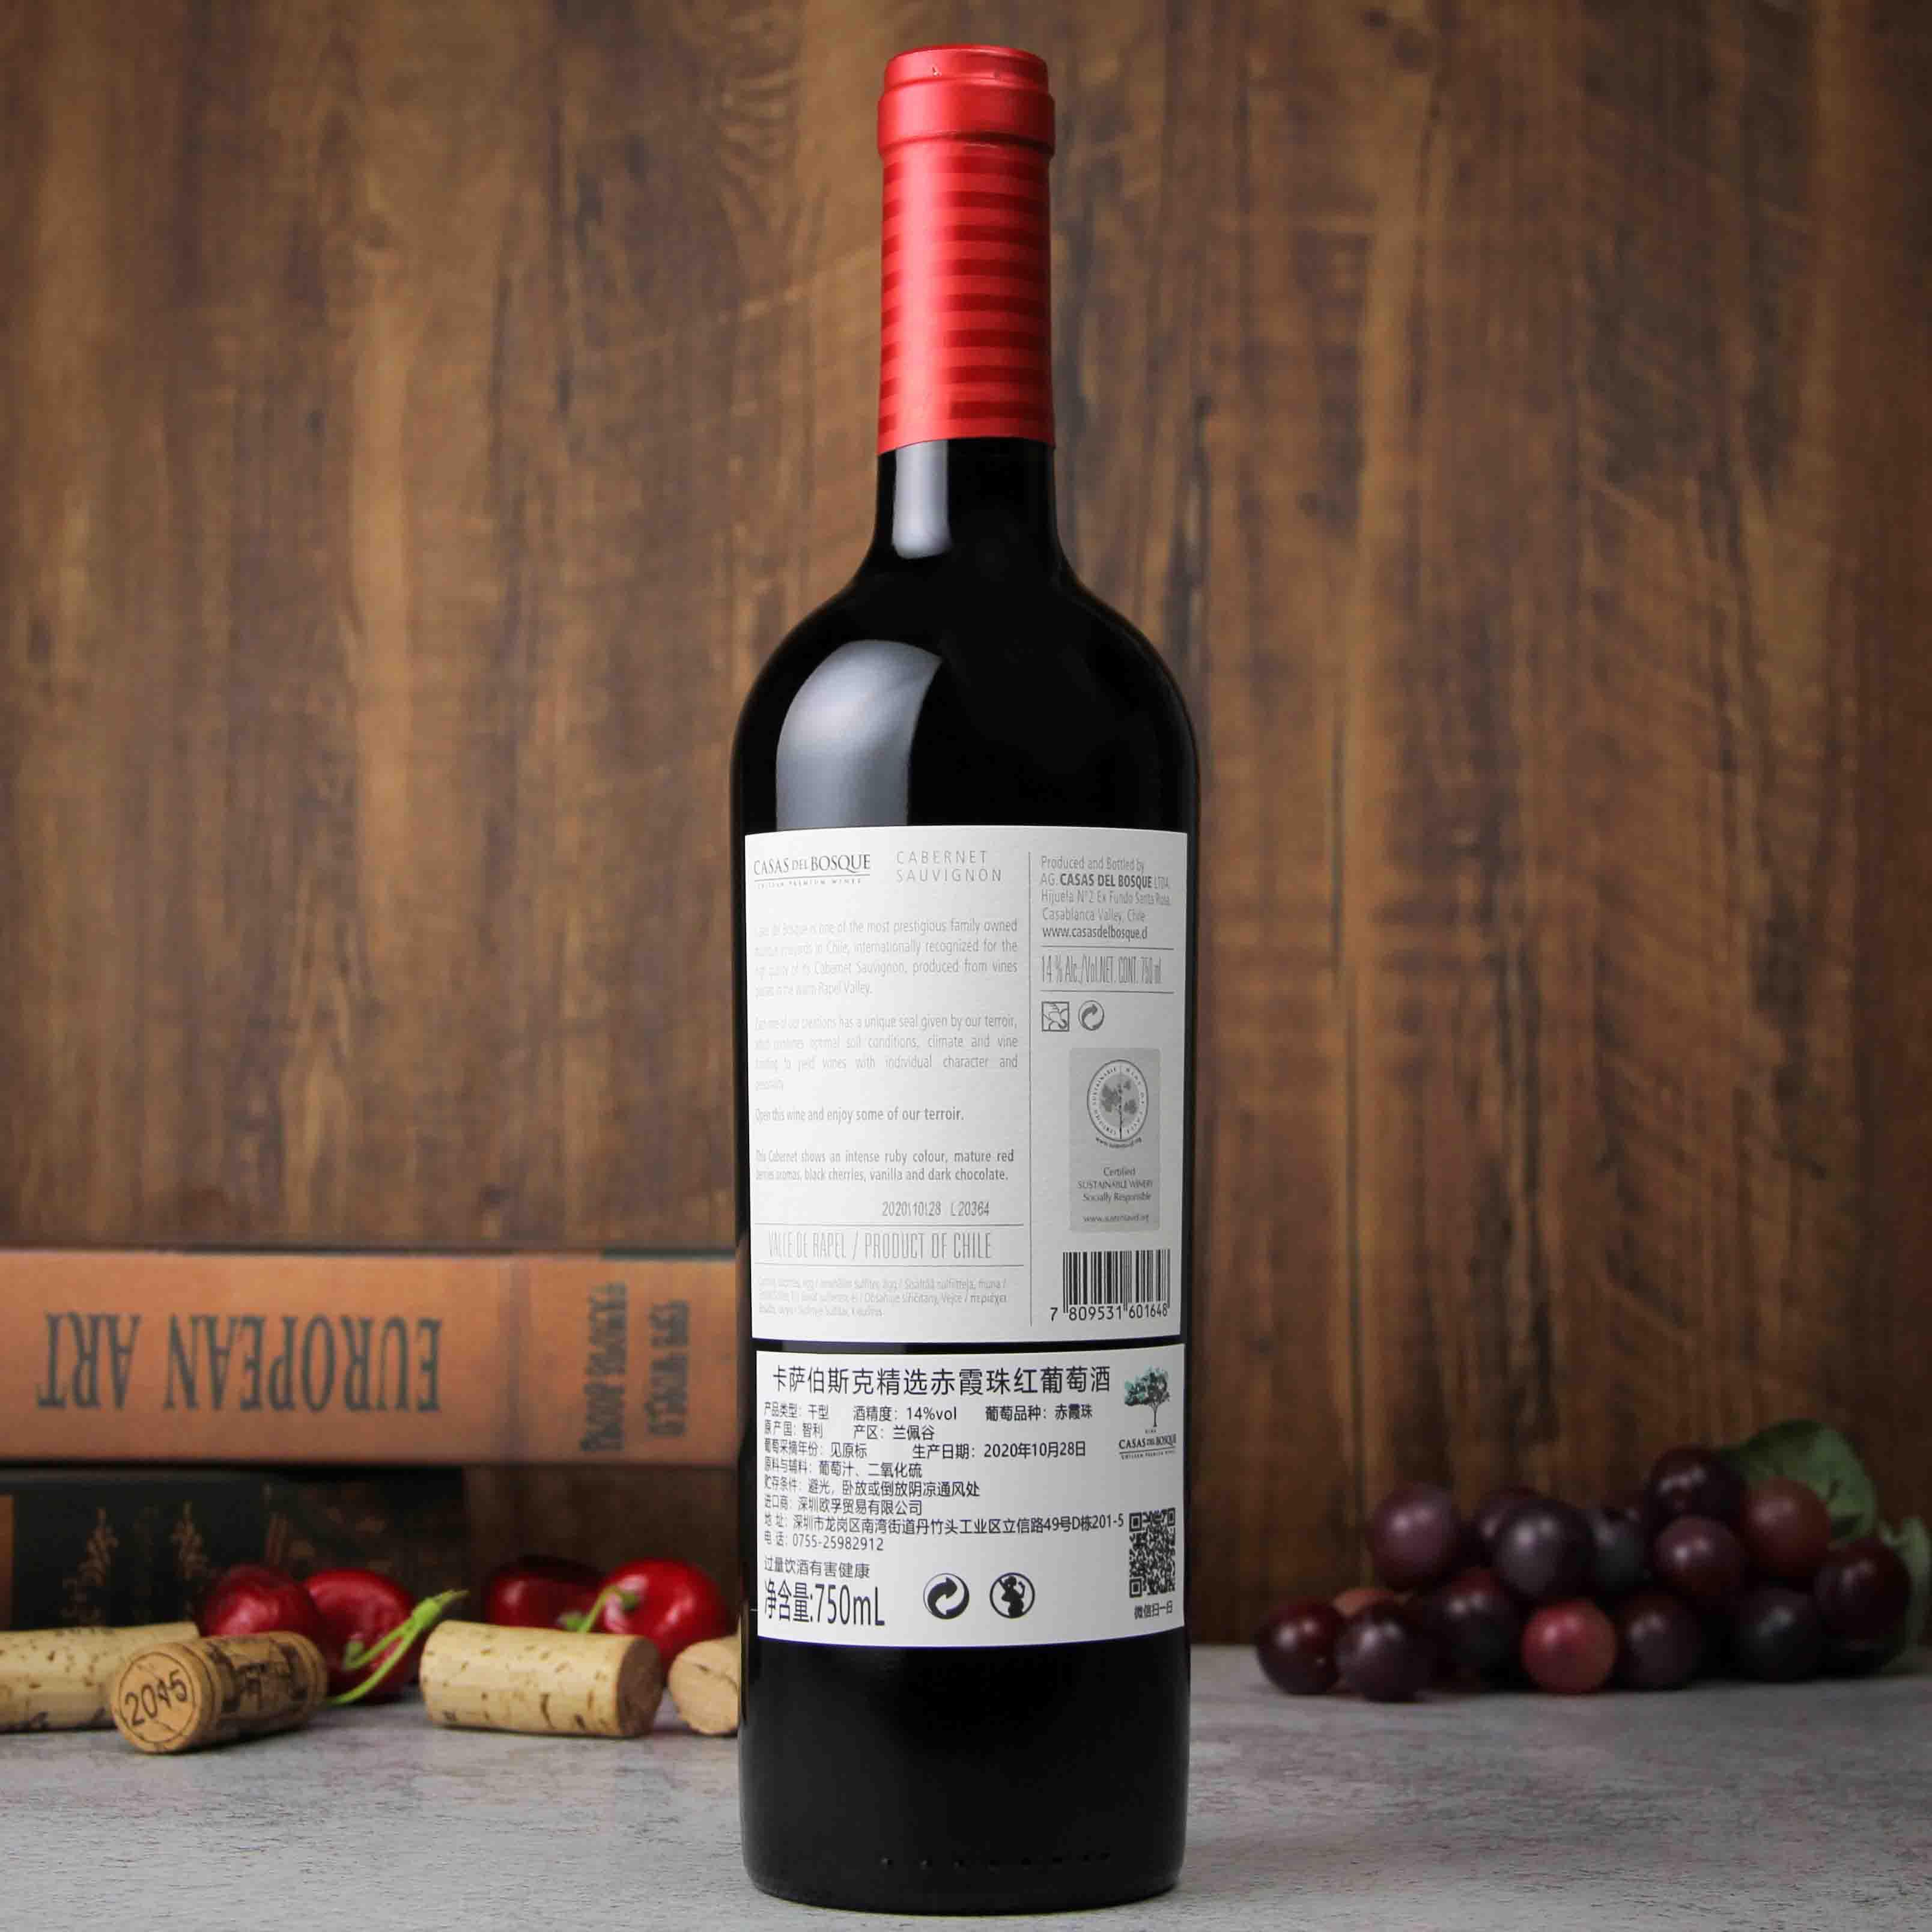 智利兰佩谷卡萨伯斯克精选赤霞珠红葡萄酒红酒